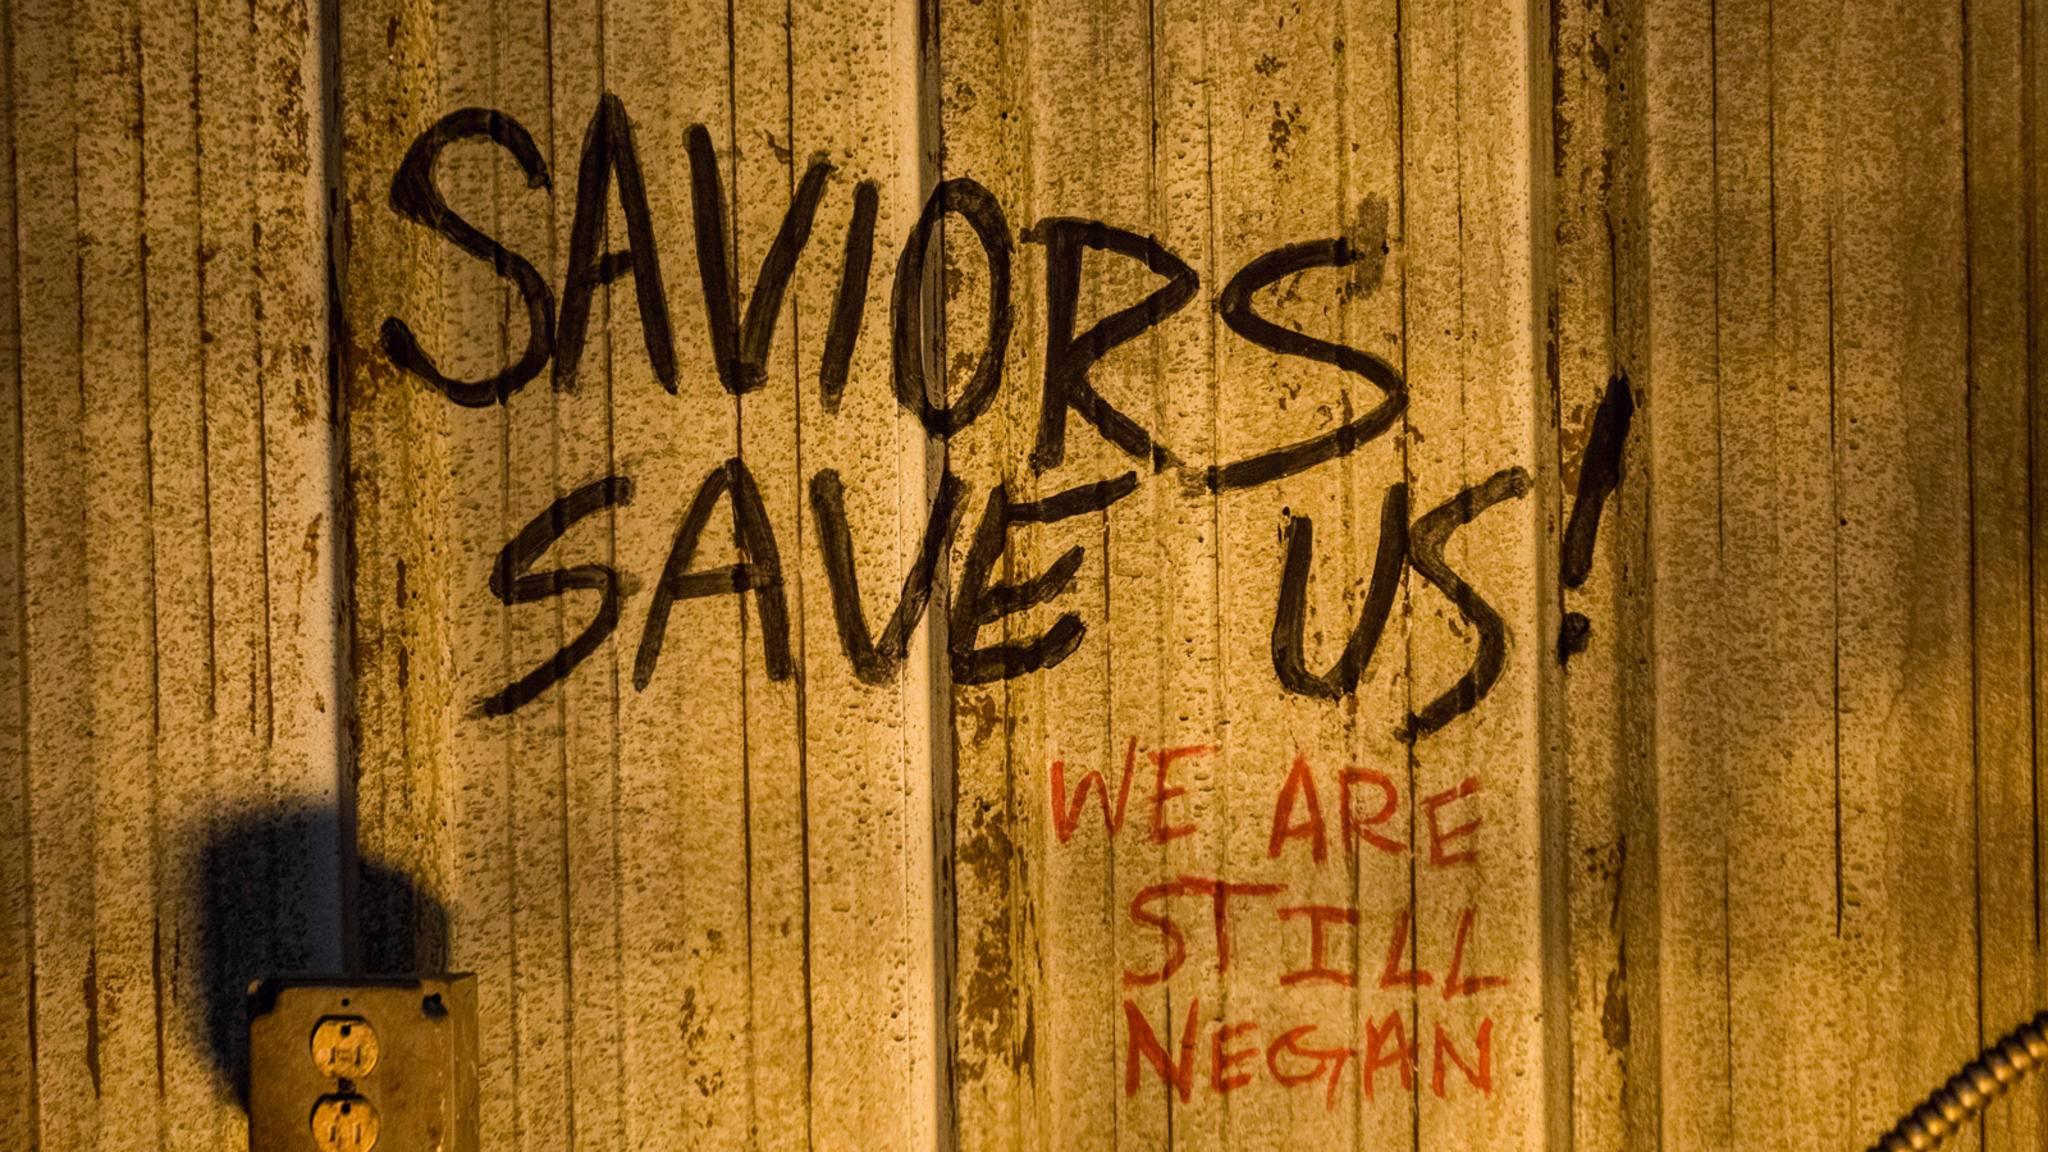 Ob sie wohl dieses Graffiti entdeckt haben?